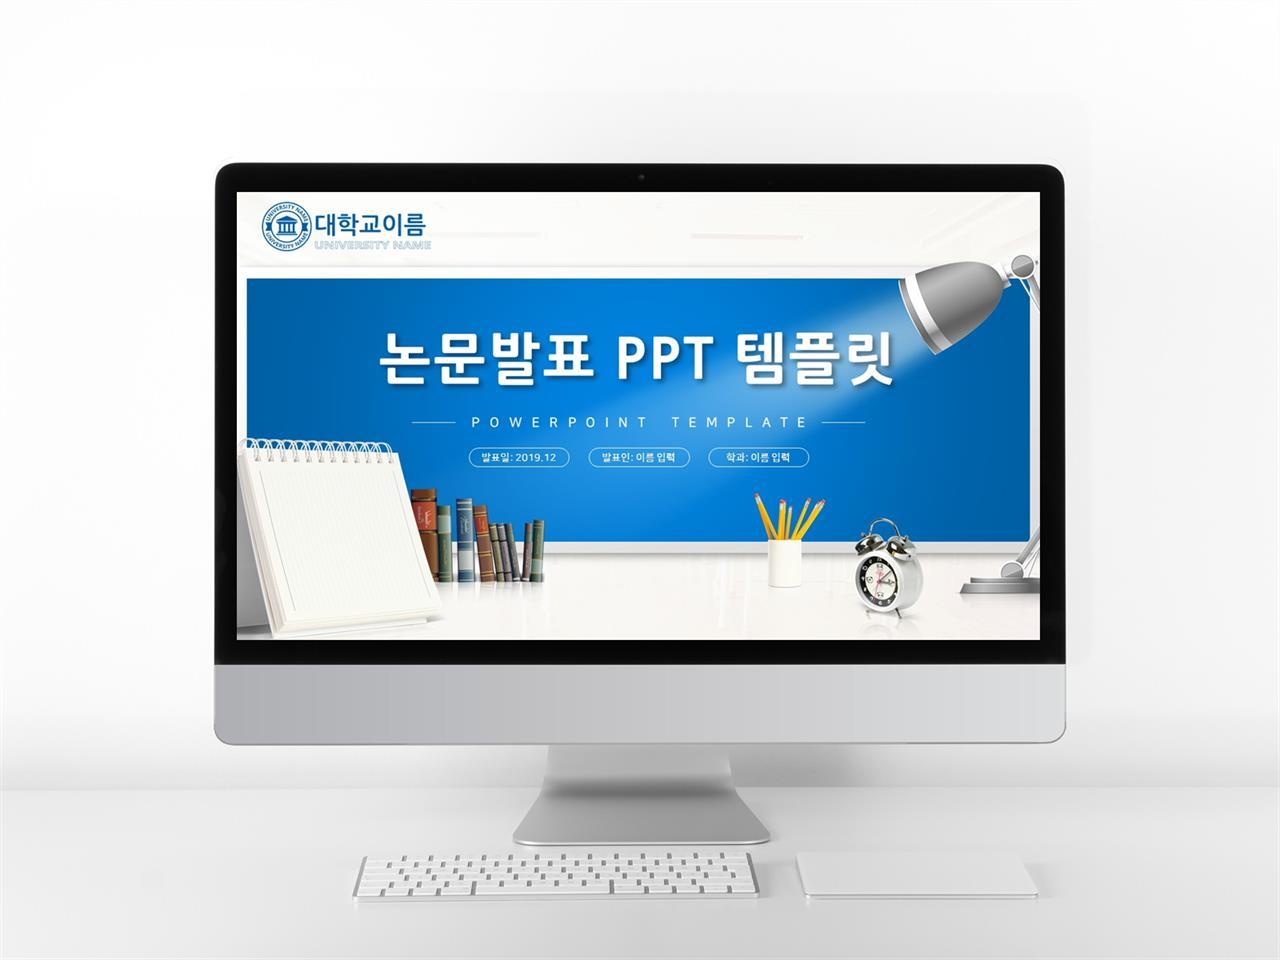 졸업발표 하늘색 단정한 고급형 피피티탬플릿 디자인 미리보기